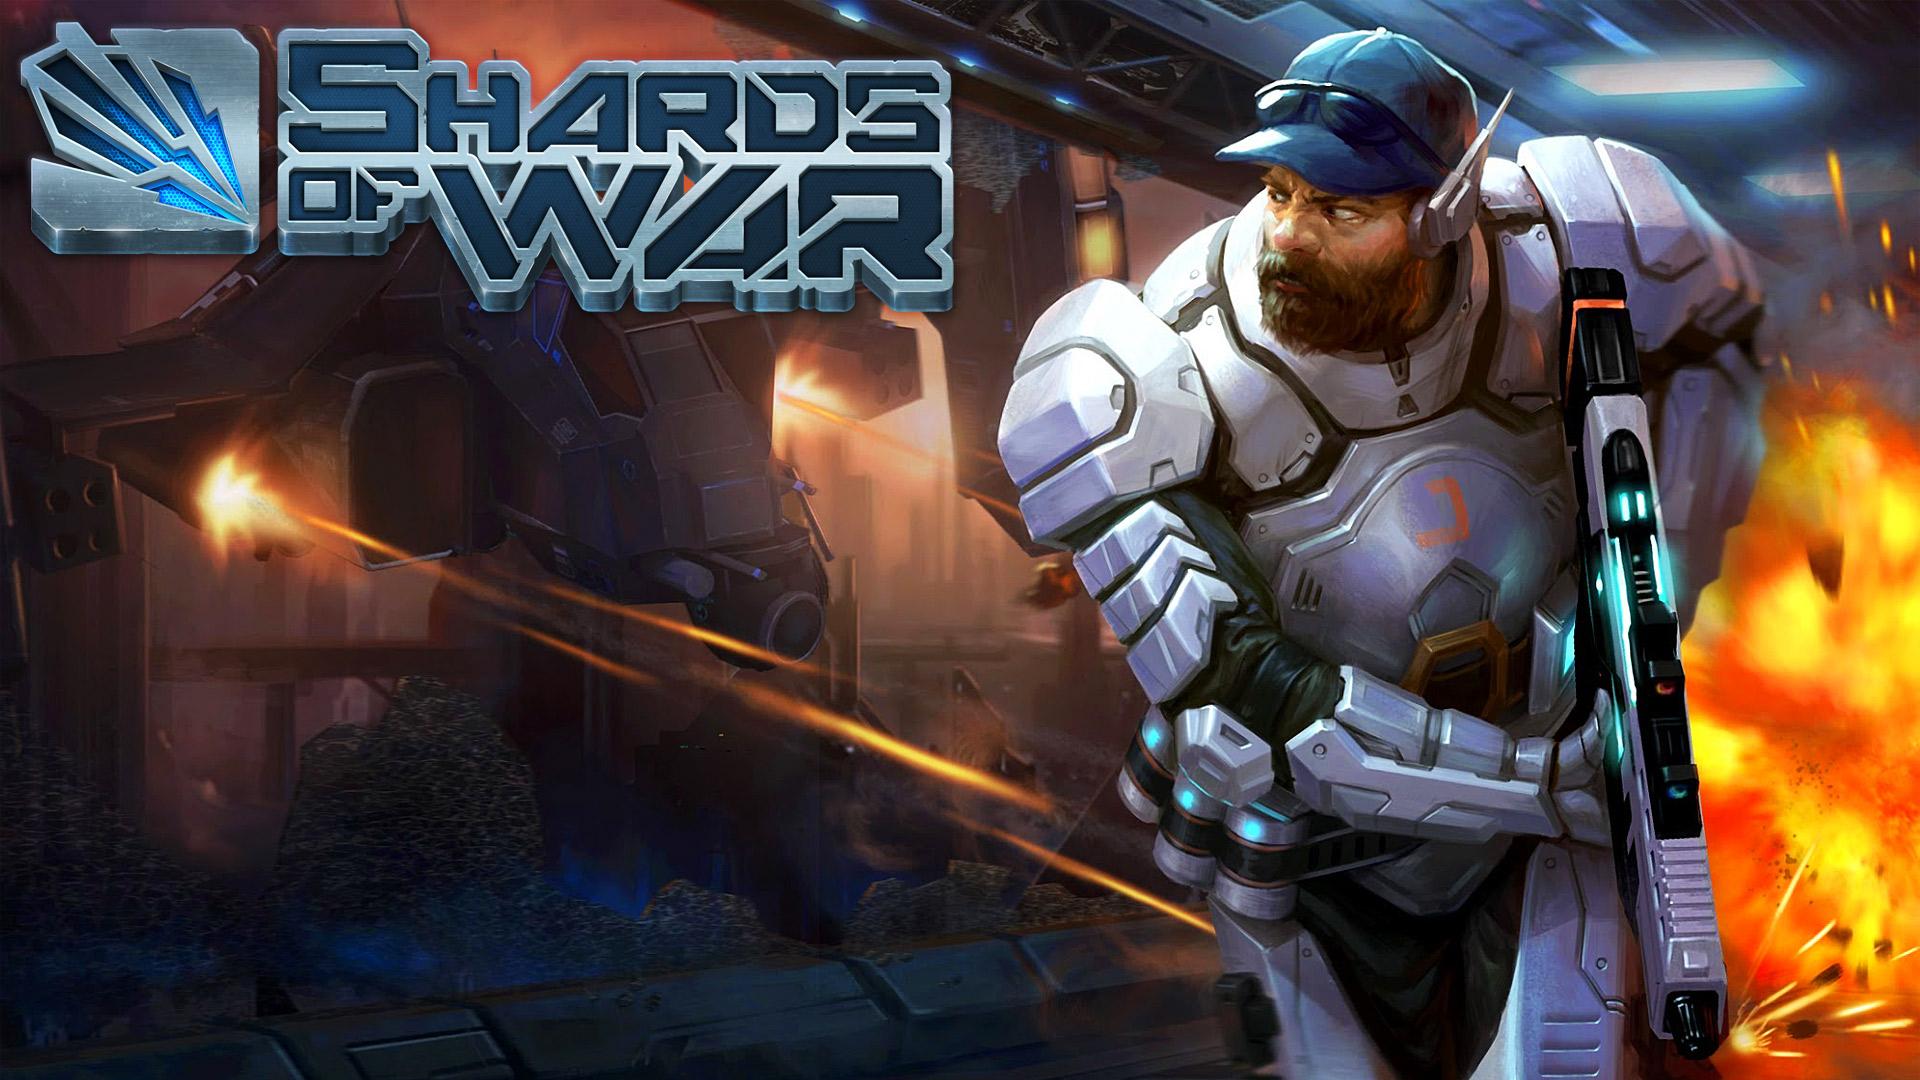 Shards of War (Kostenloses MOBA)